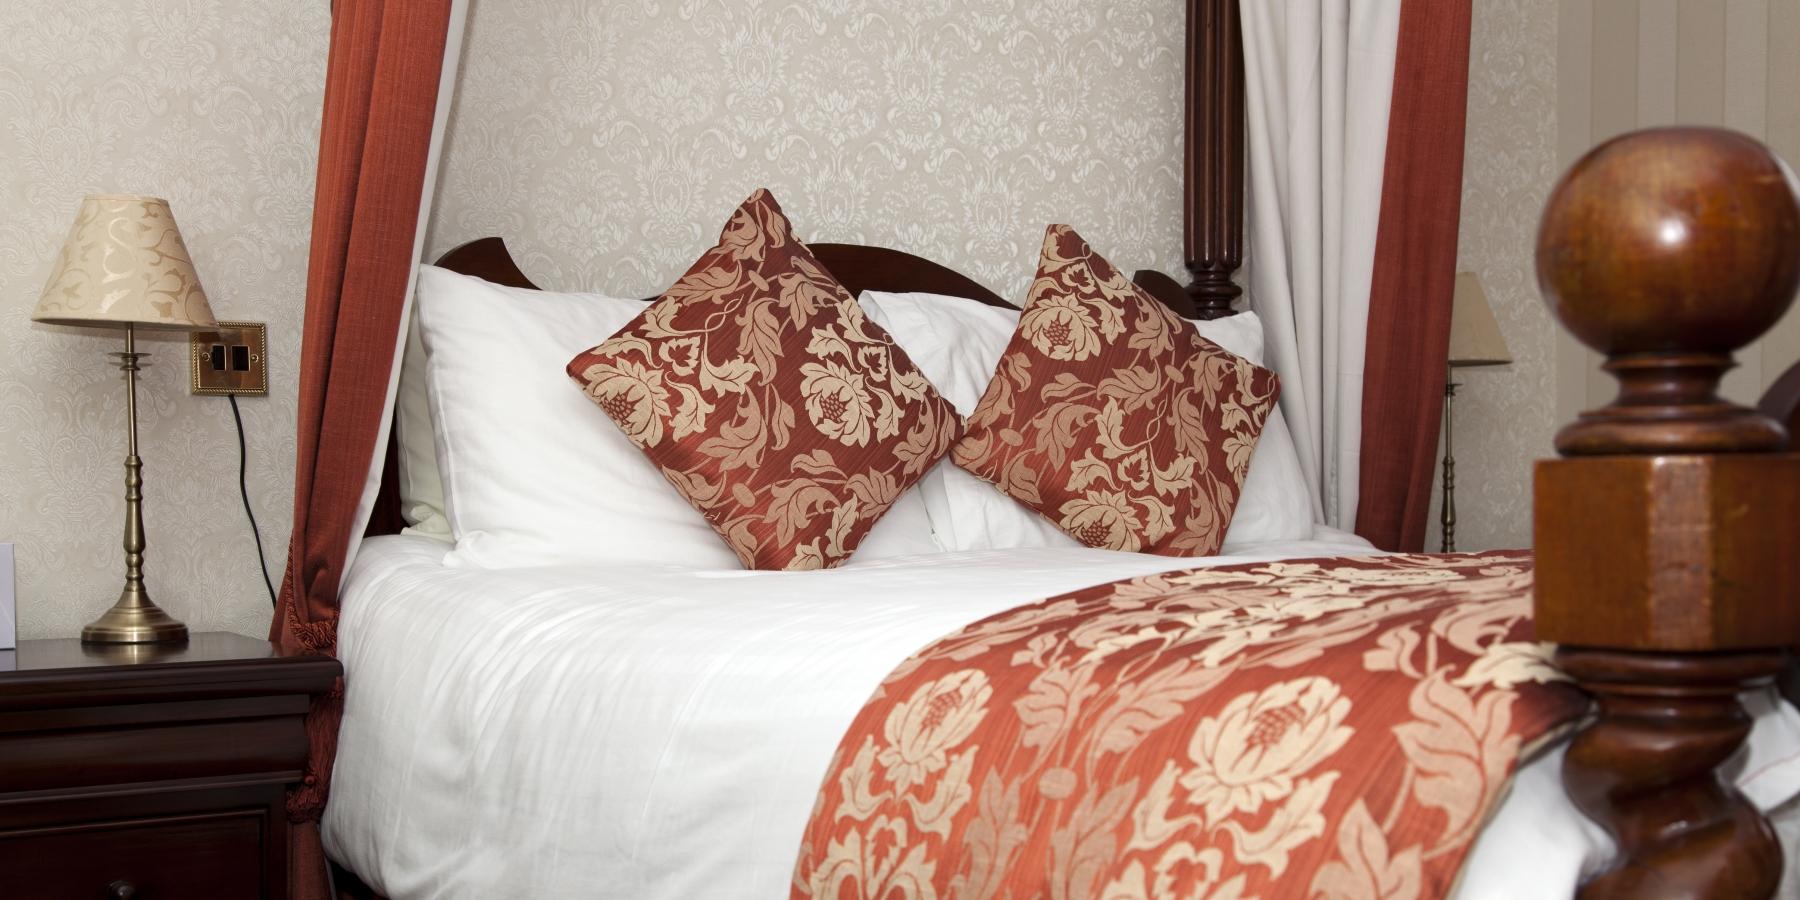 Room-101-02-pano1